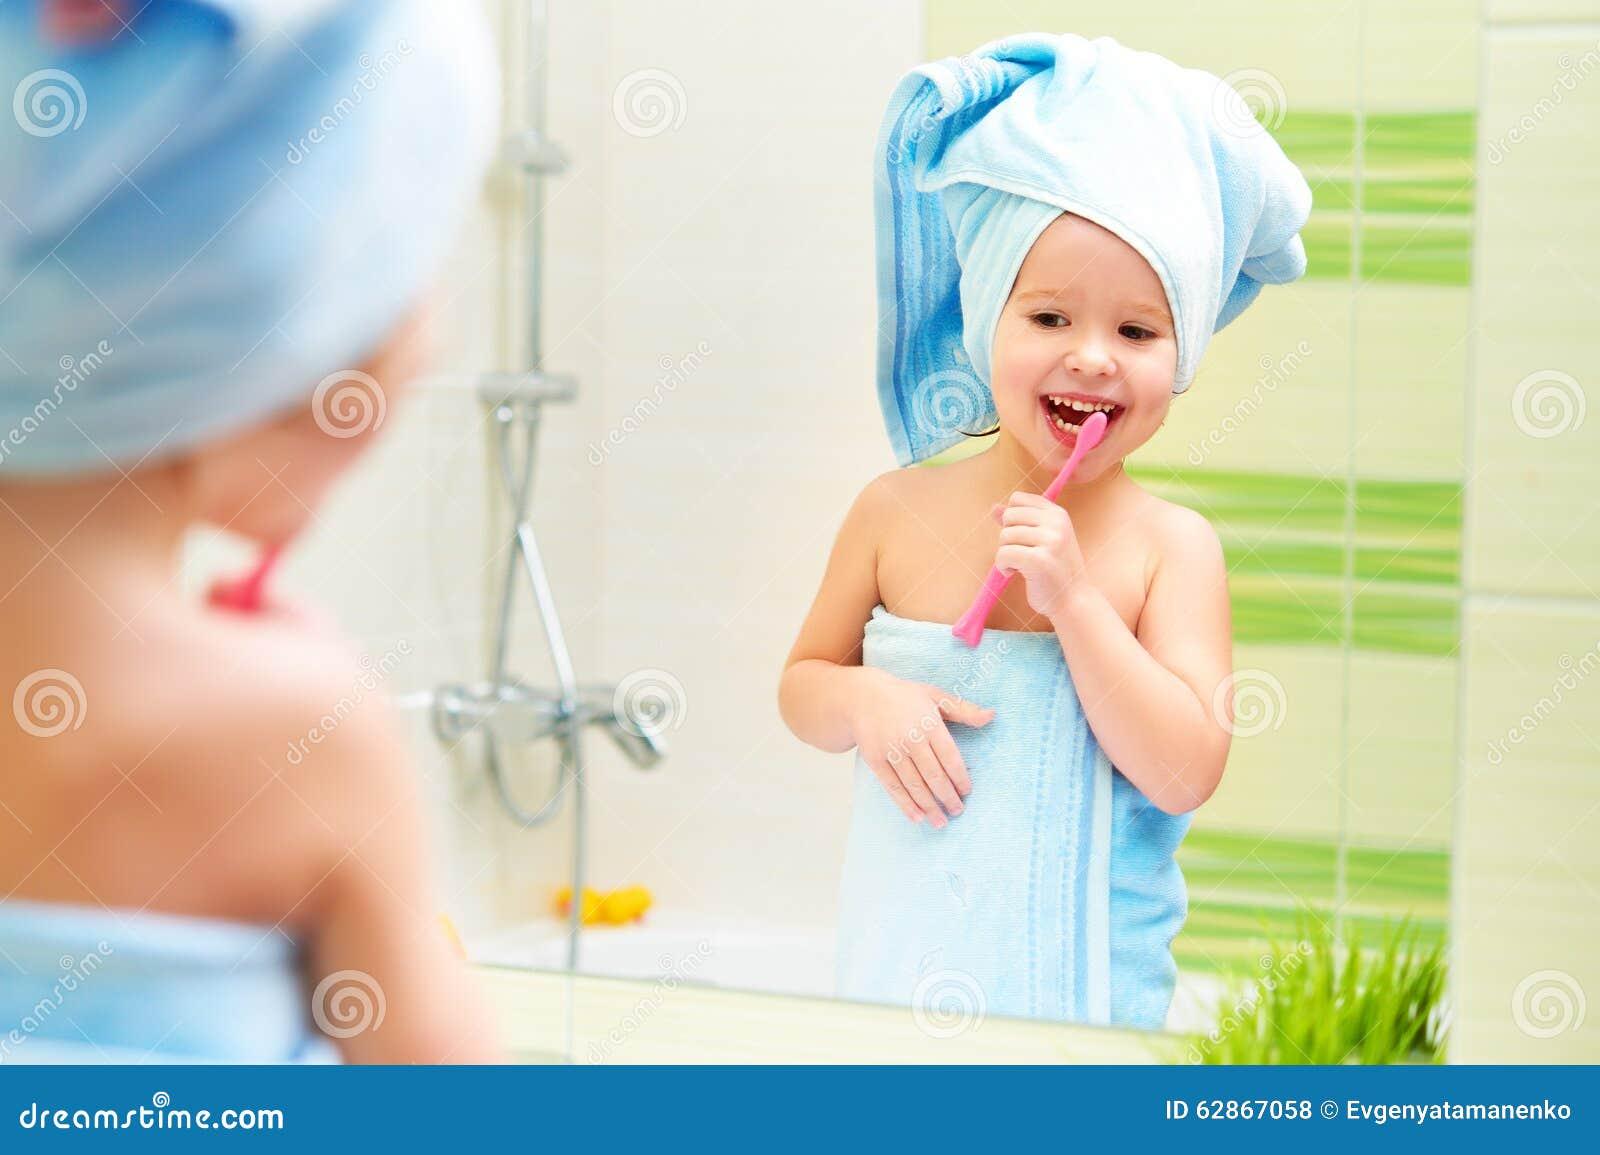 滑稽的小女孩清洗牙与牙刷在卫生间里